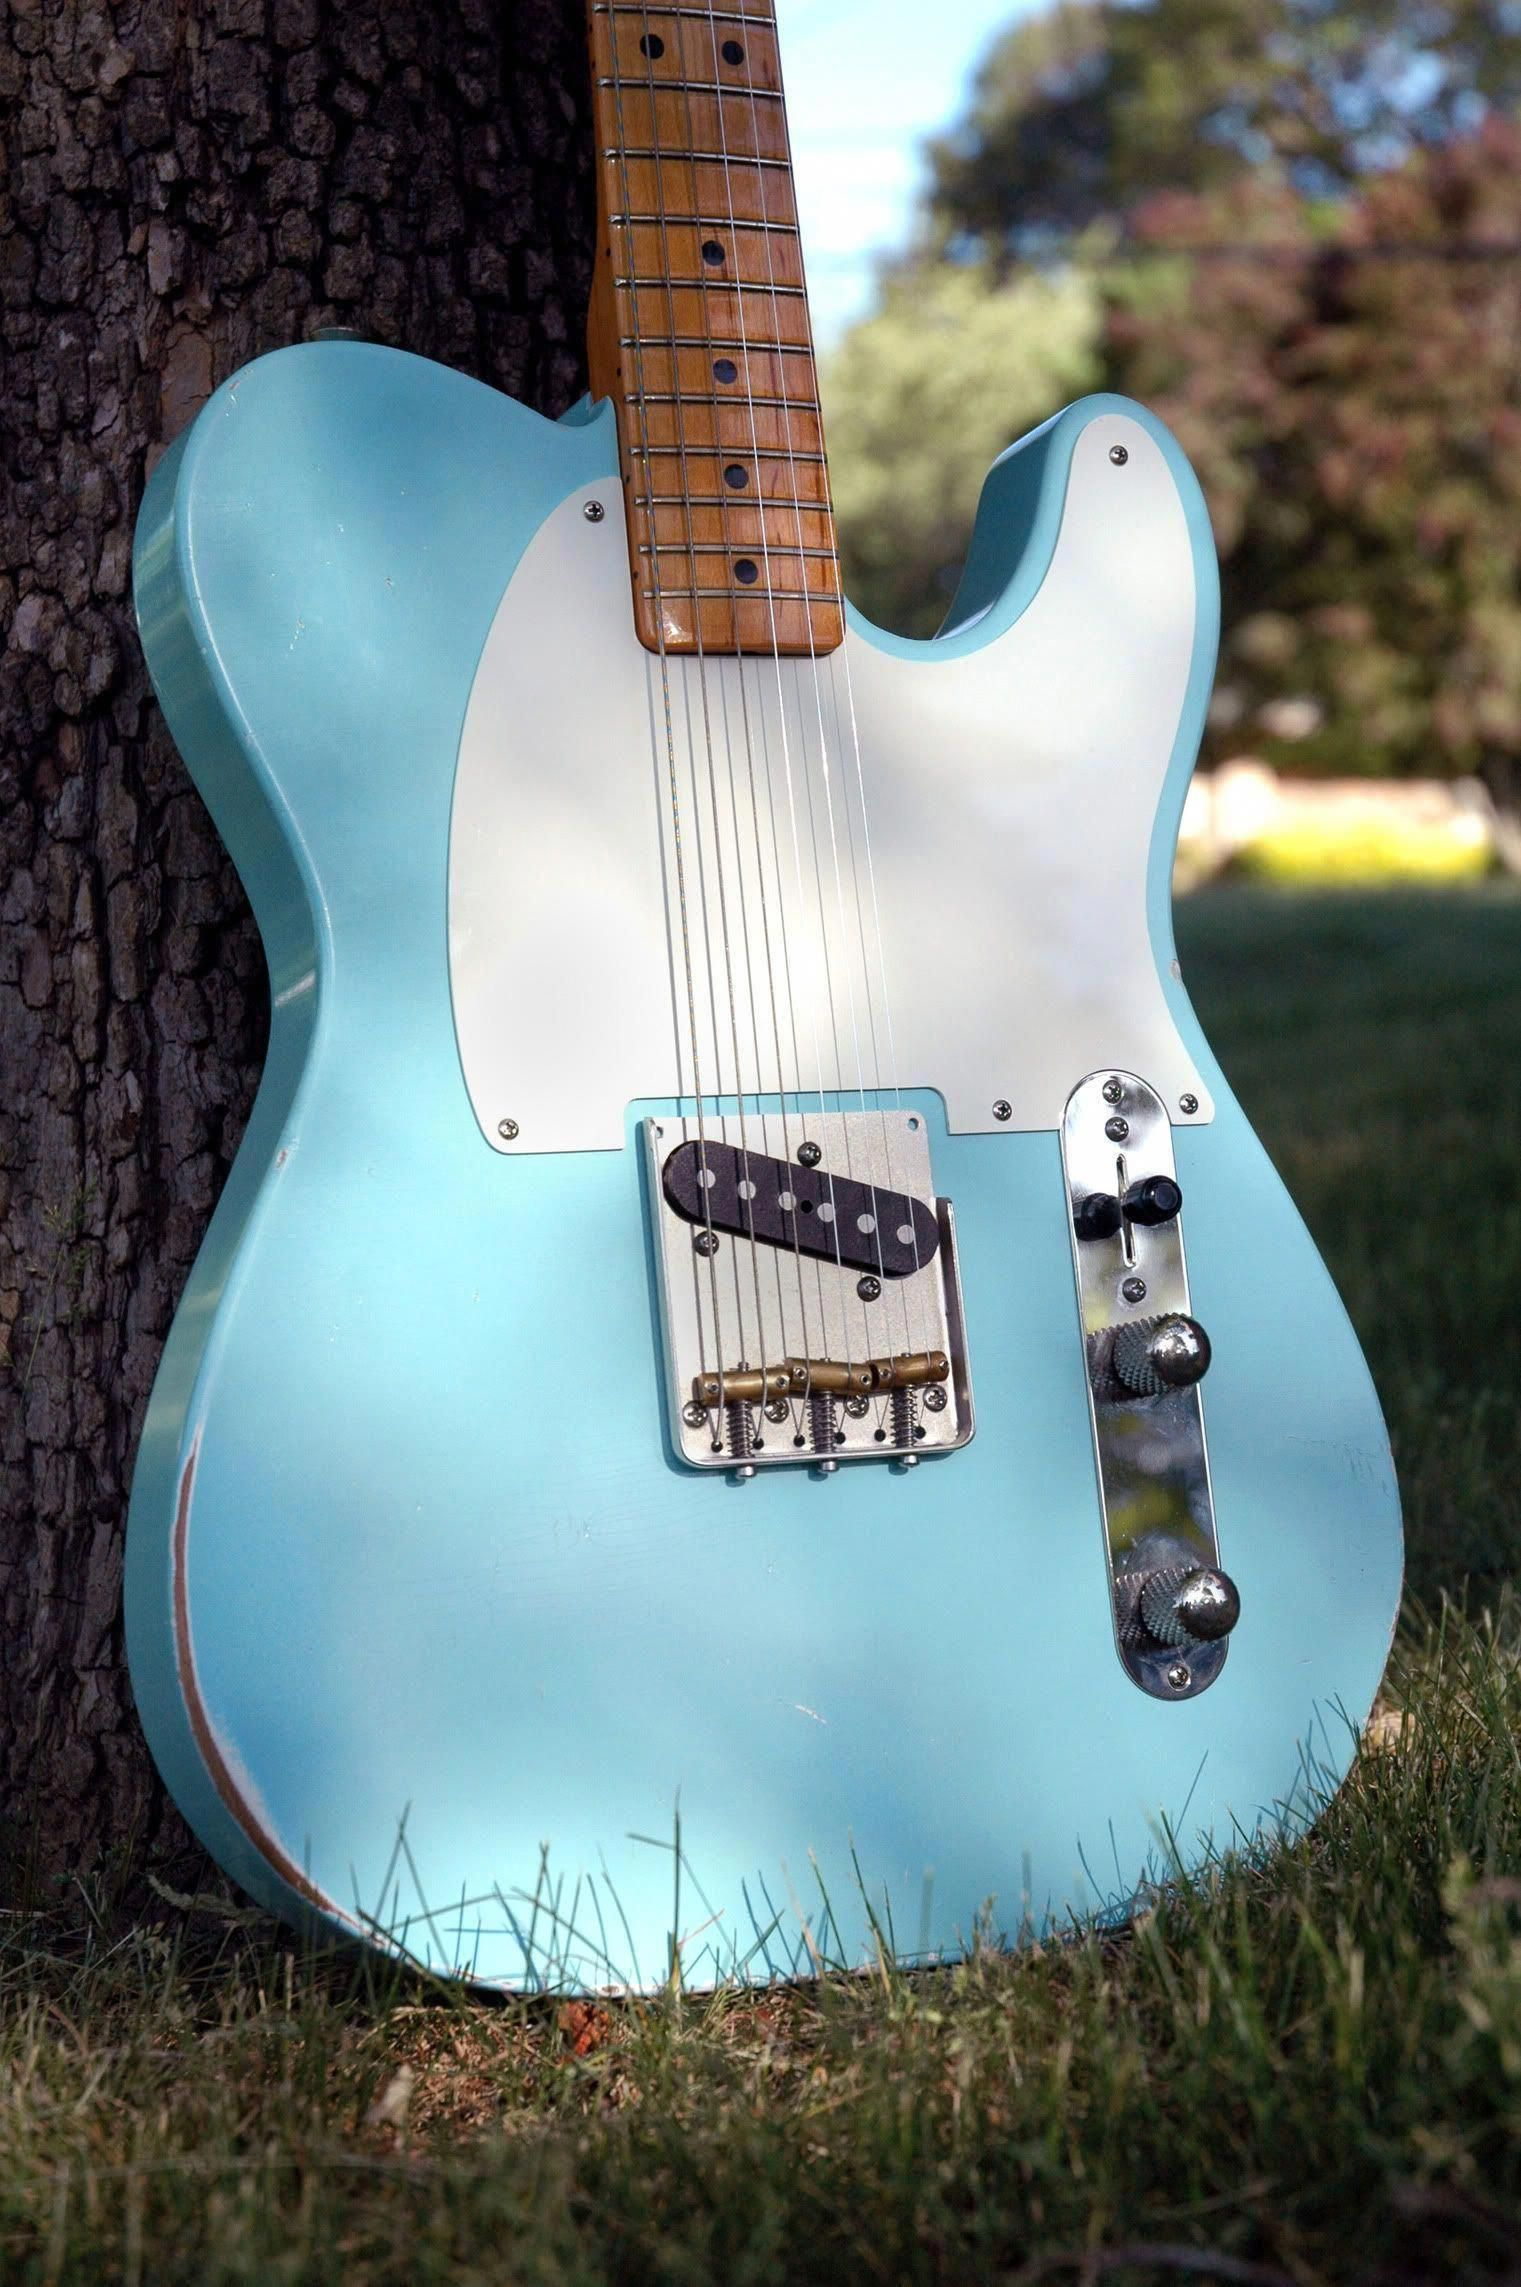 26 Incredible Travel Guitar Electric Acoustic Guitarrist Travelguitar Fender Telecaster Yamaha Guitar Electric Guitar